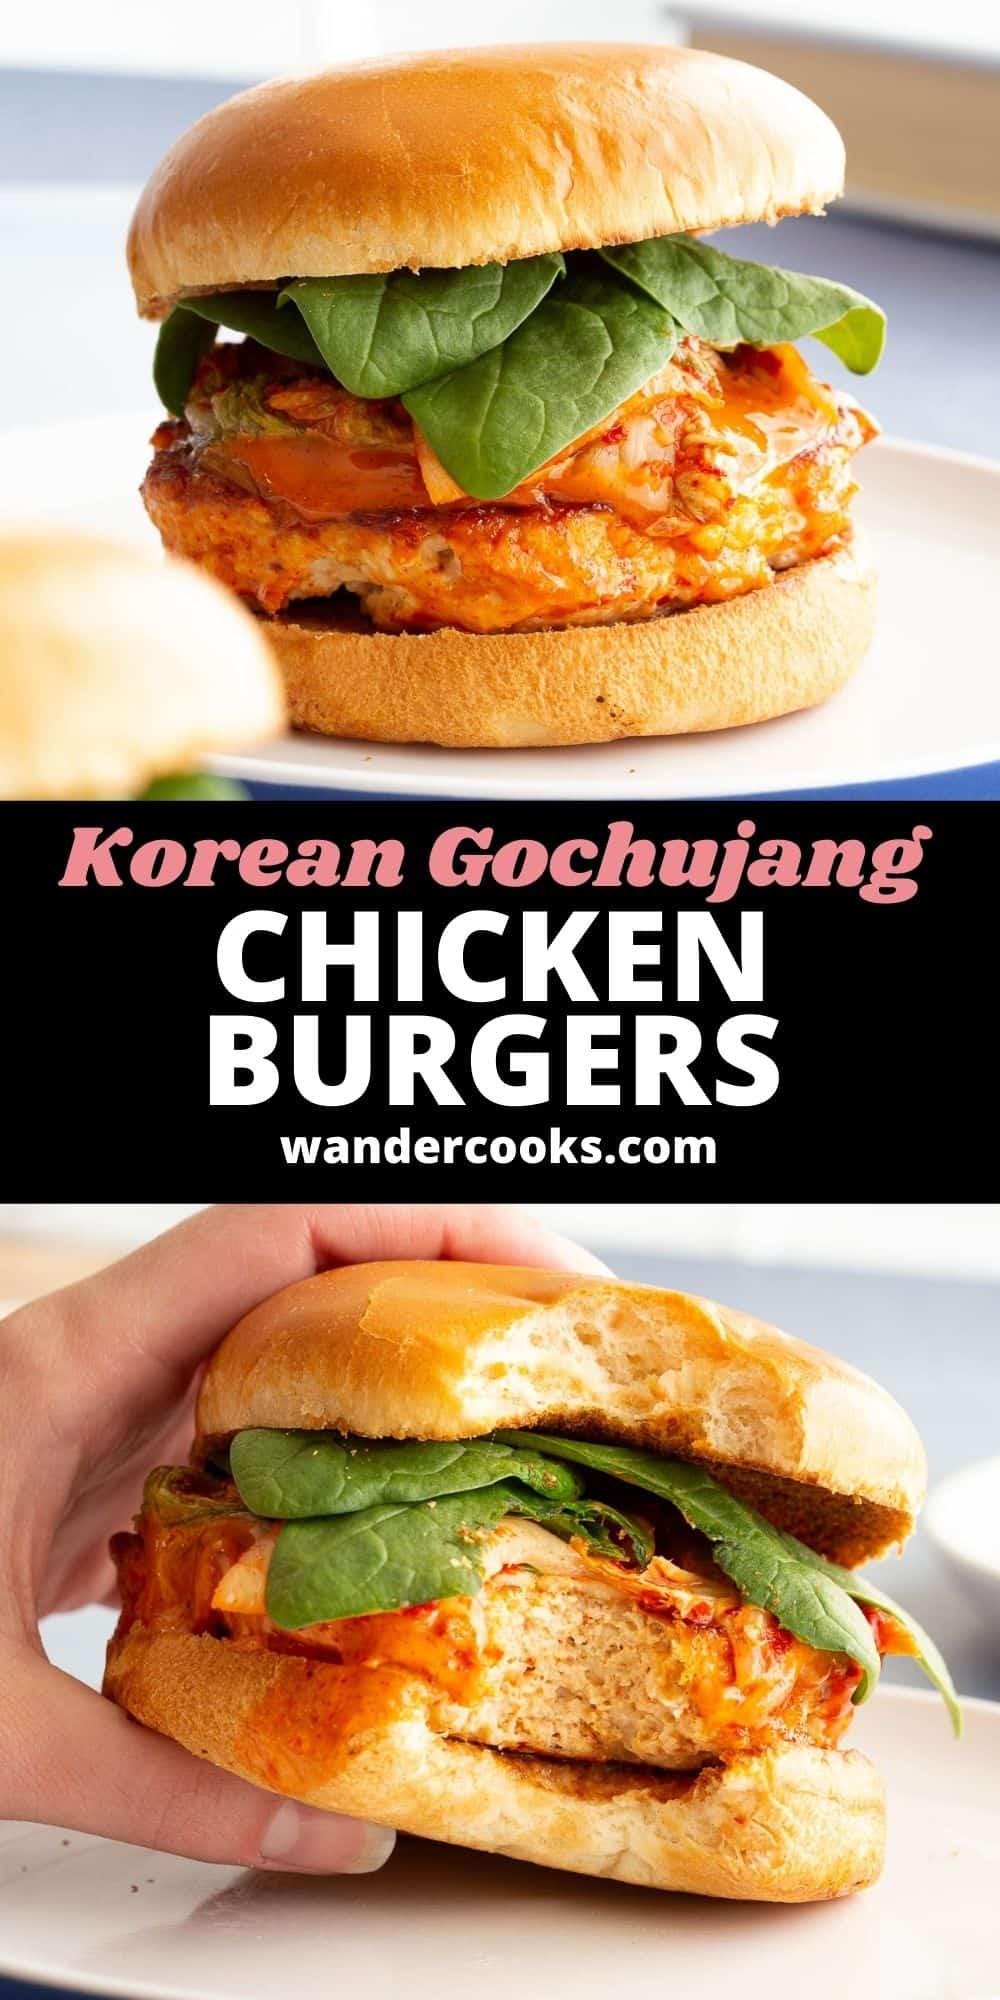 Quick Korean Gochujang Chicken Burgers